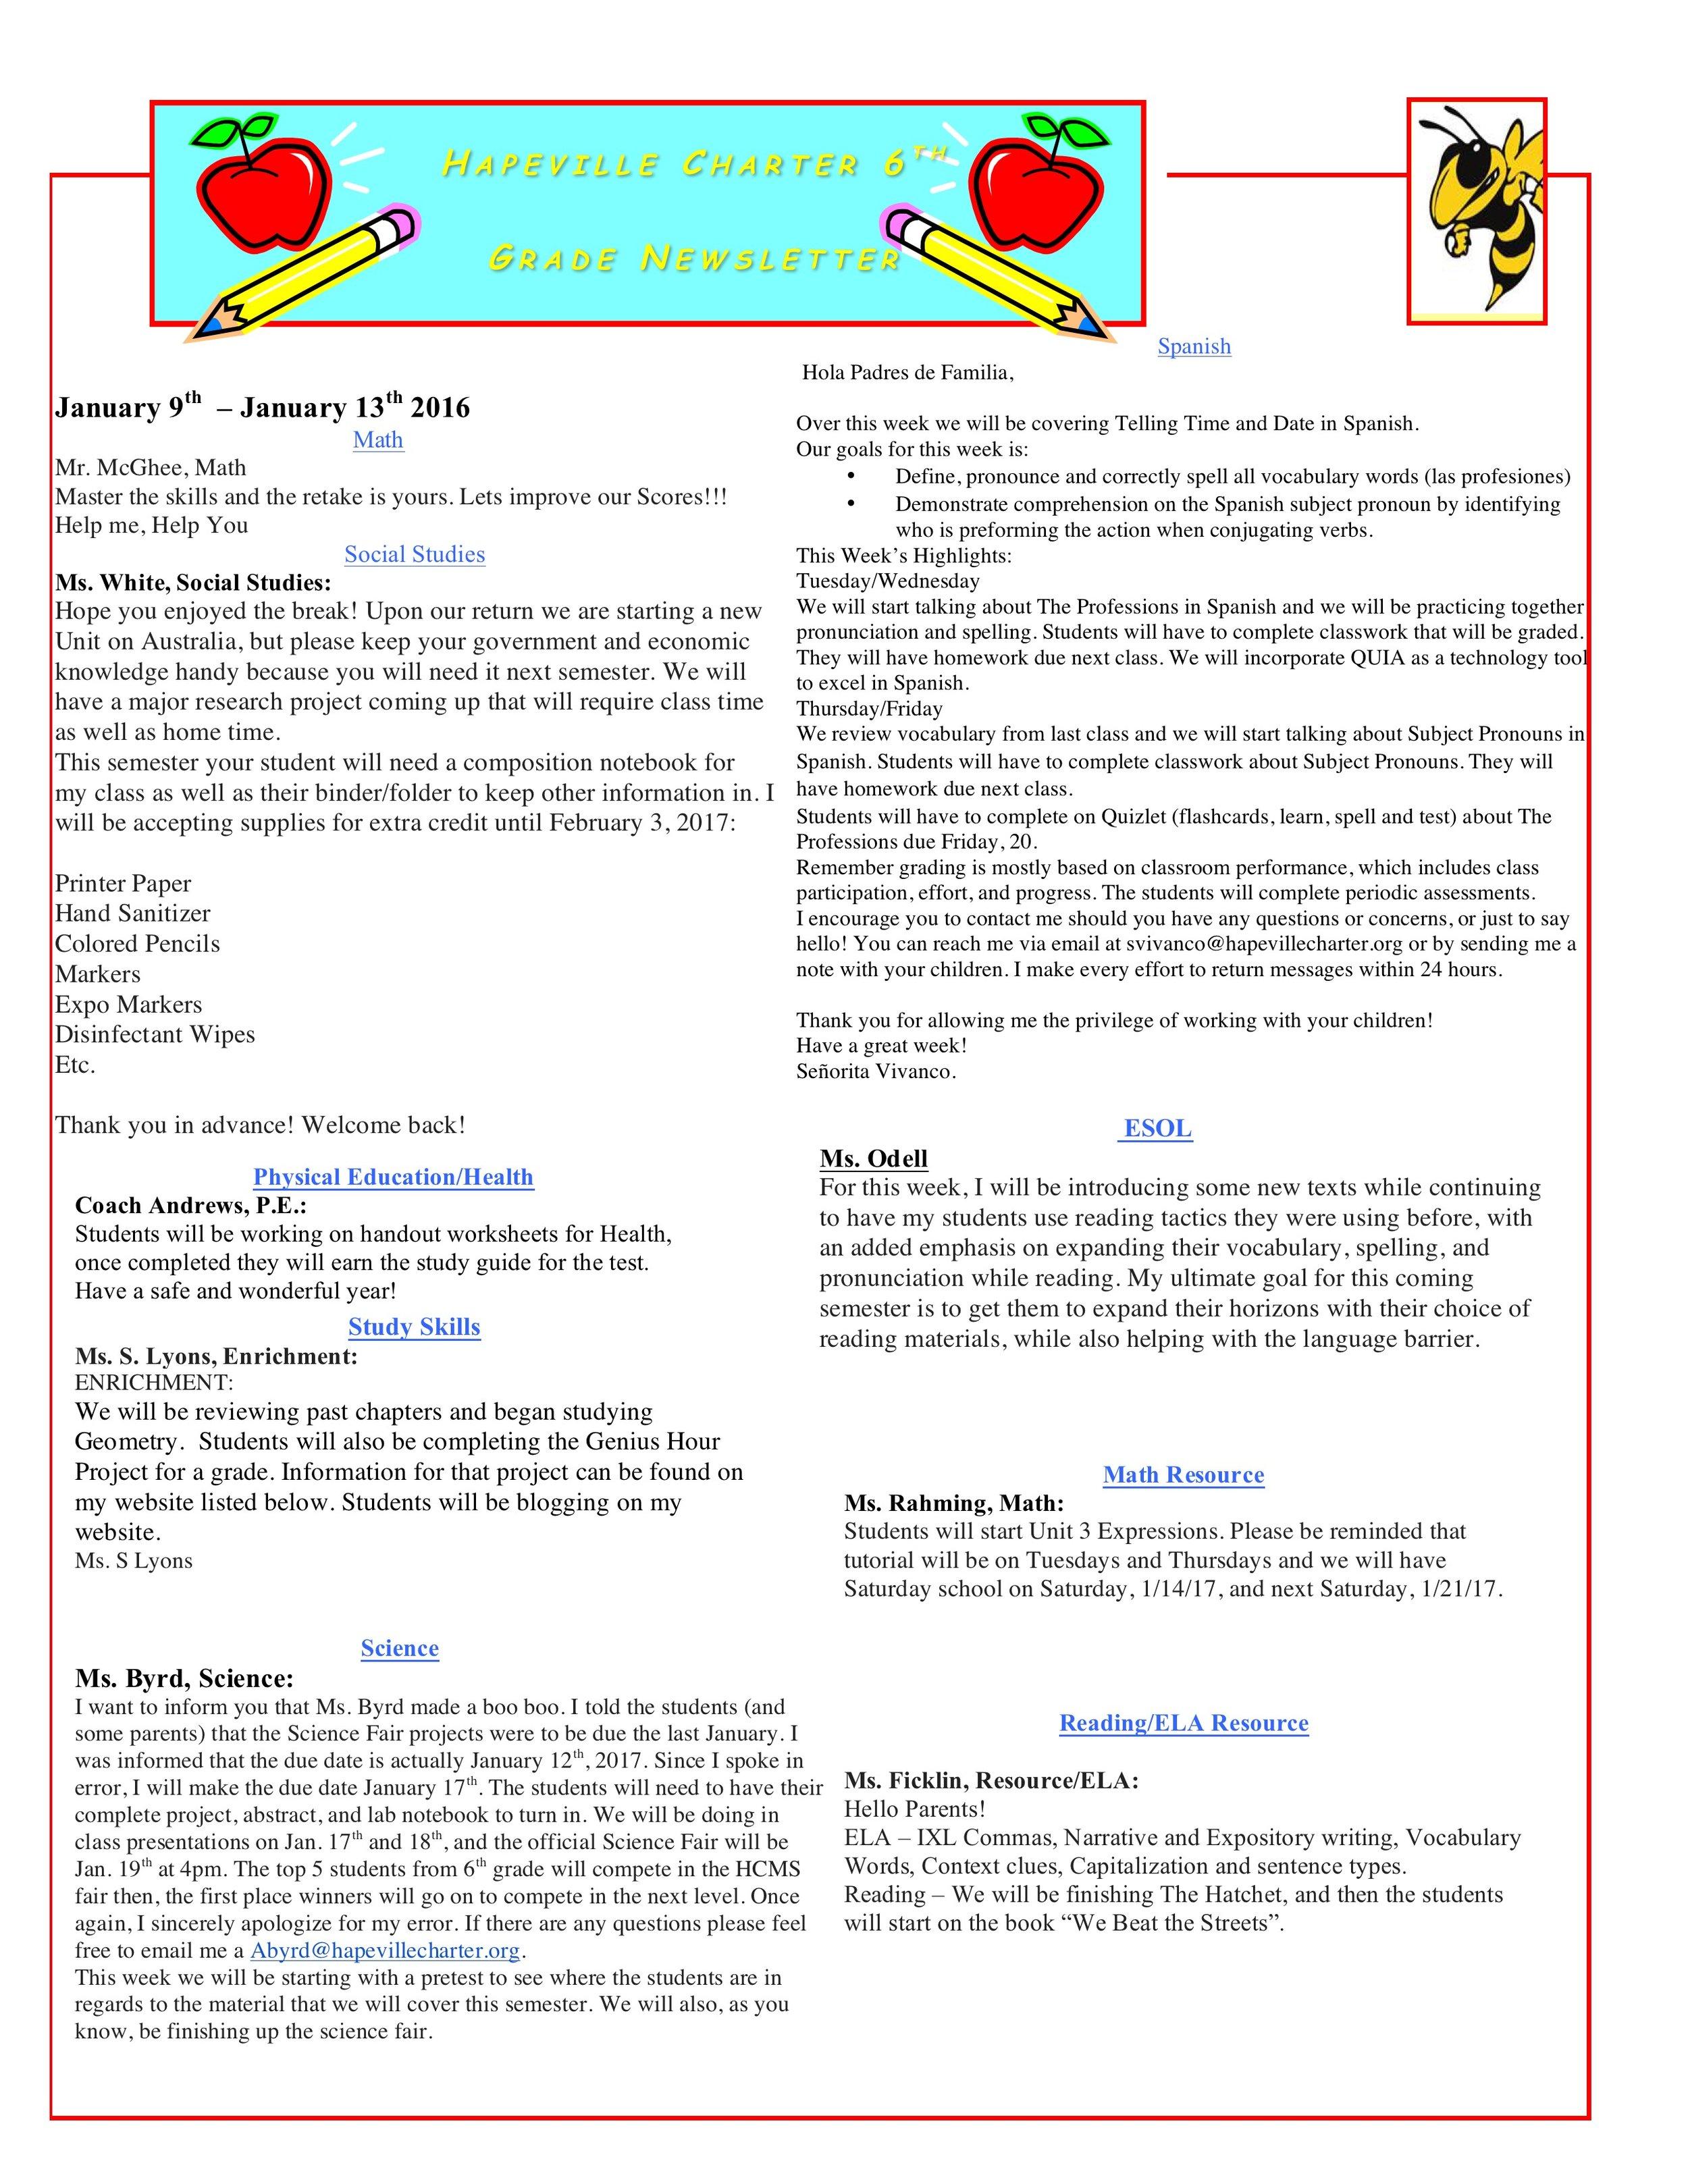 Newsletter Image6th Grade Newsletter 1-9-17.jpeg